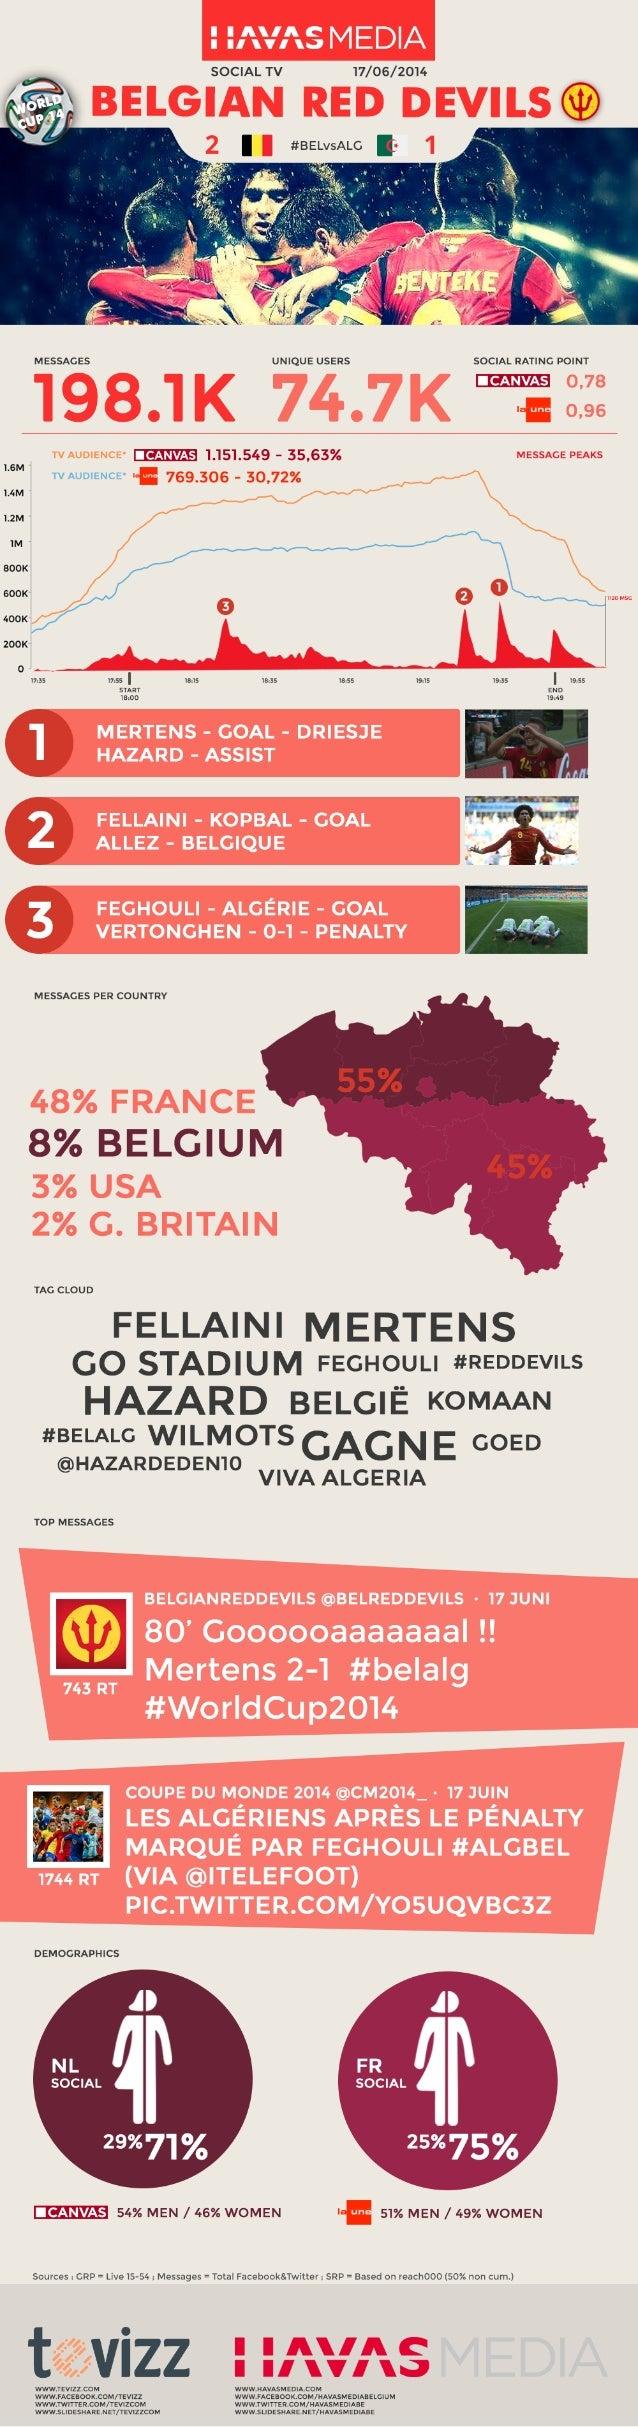 SRP Focus - België/Algerije - 198 000 vermeldingen: uitgebreide zichtbaarheid en bijzonder veel engagement